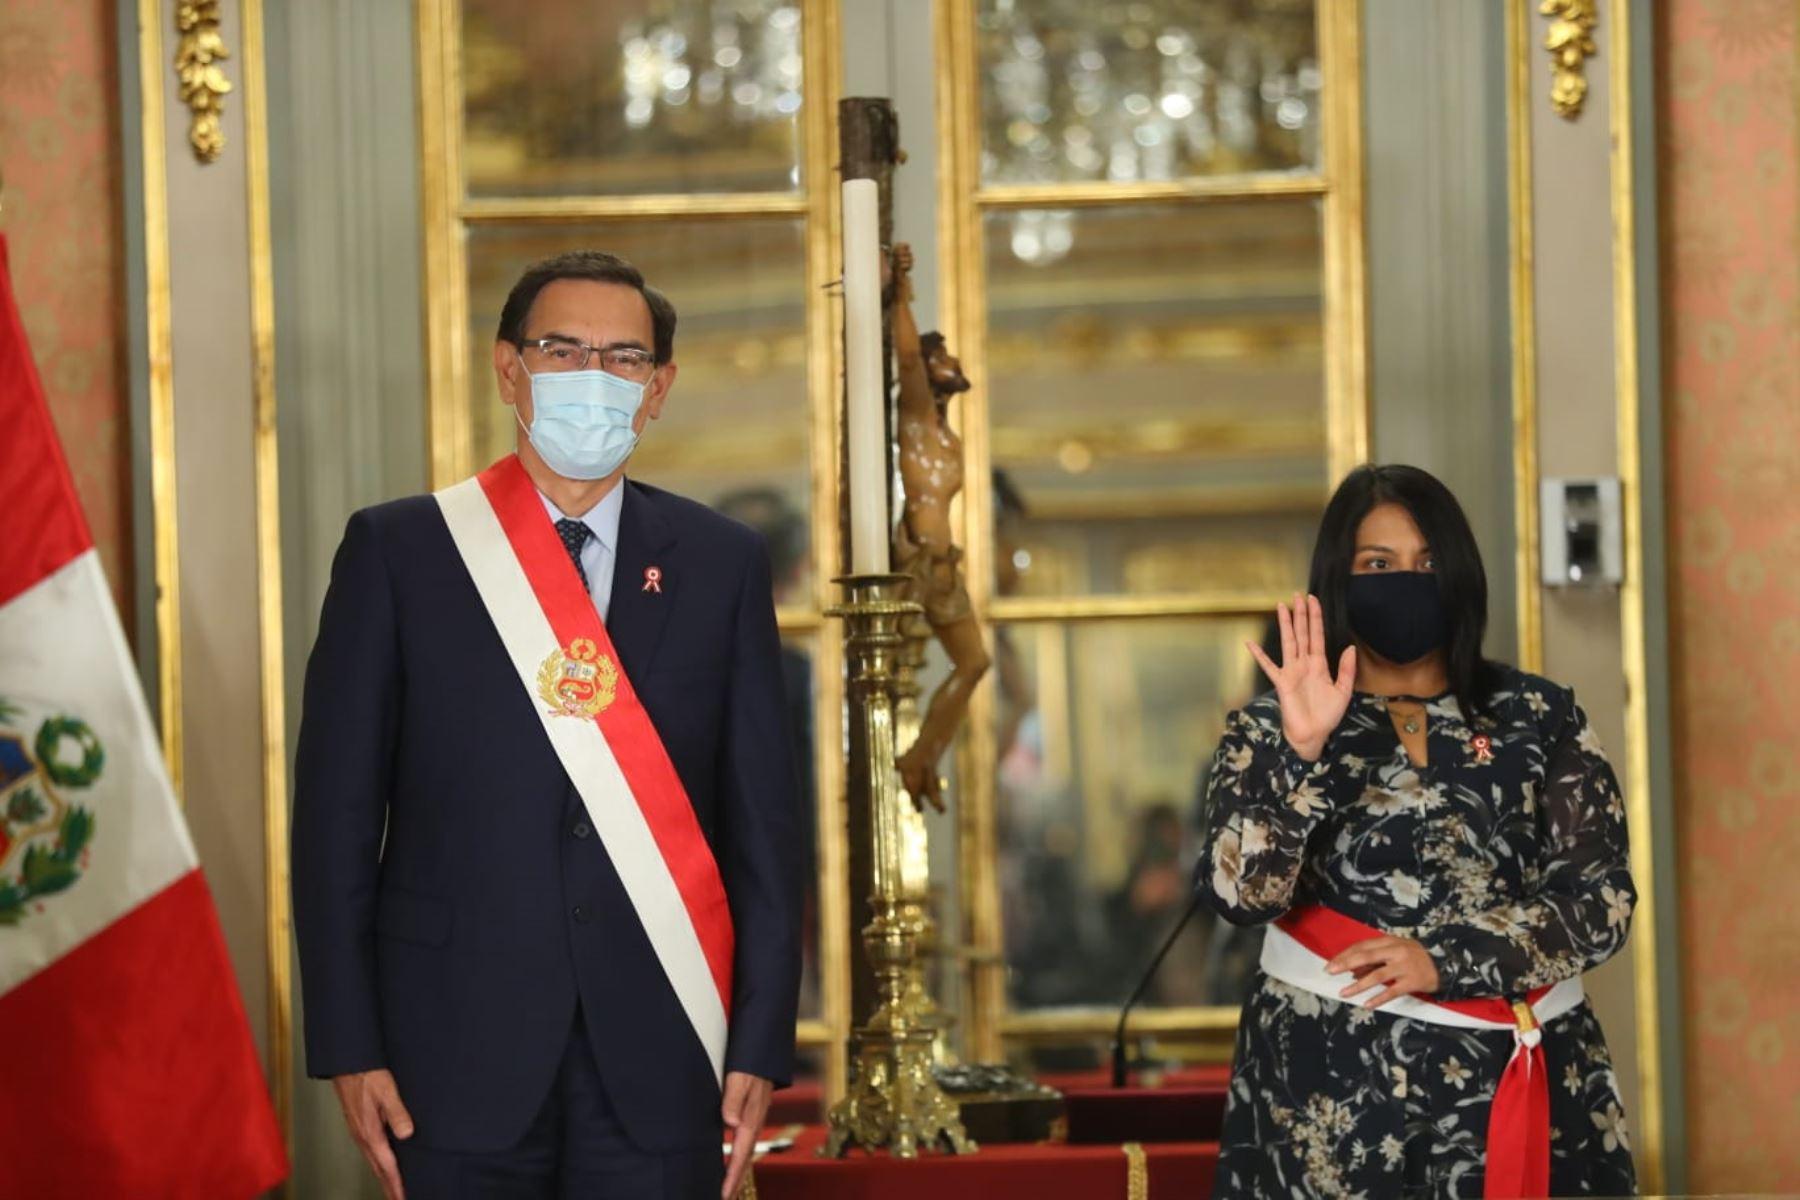 Presidente Martín Vizcarra toma juramento a Ana Neyra, como ministra de Justicia y Derechos Humanos. Foto: ANDINA/Difusión